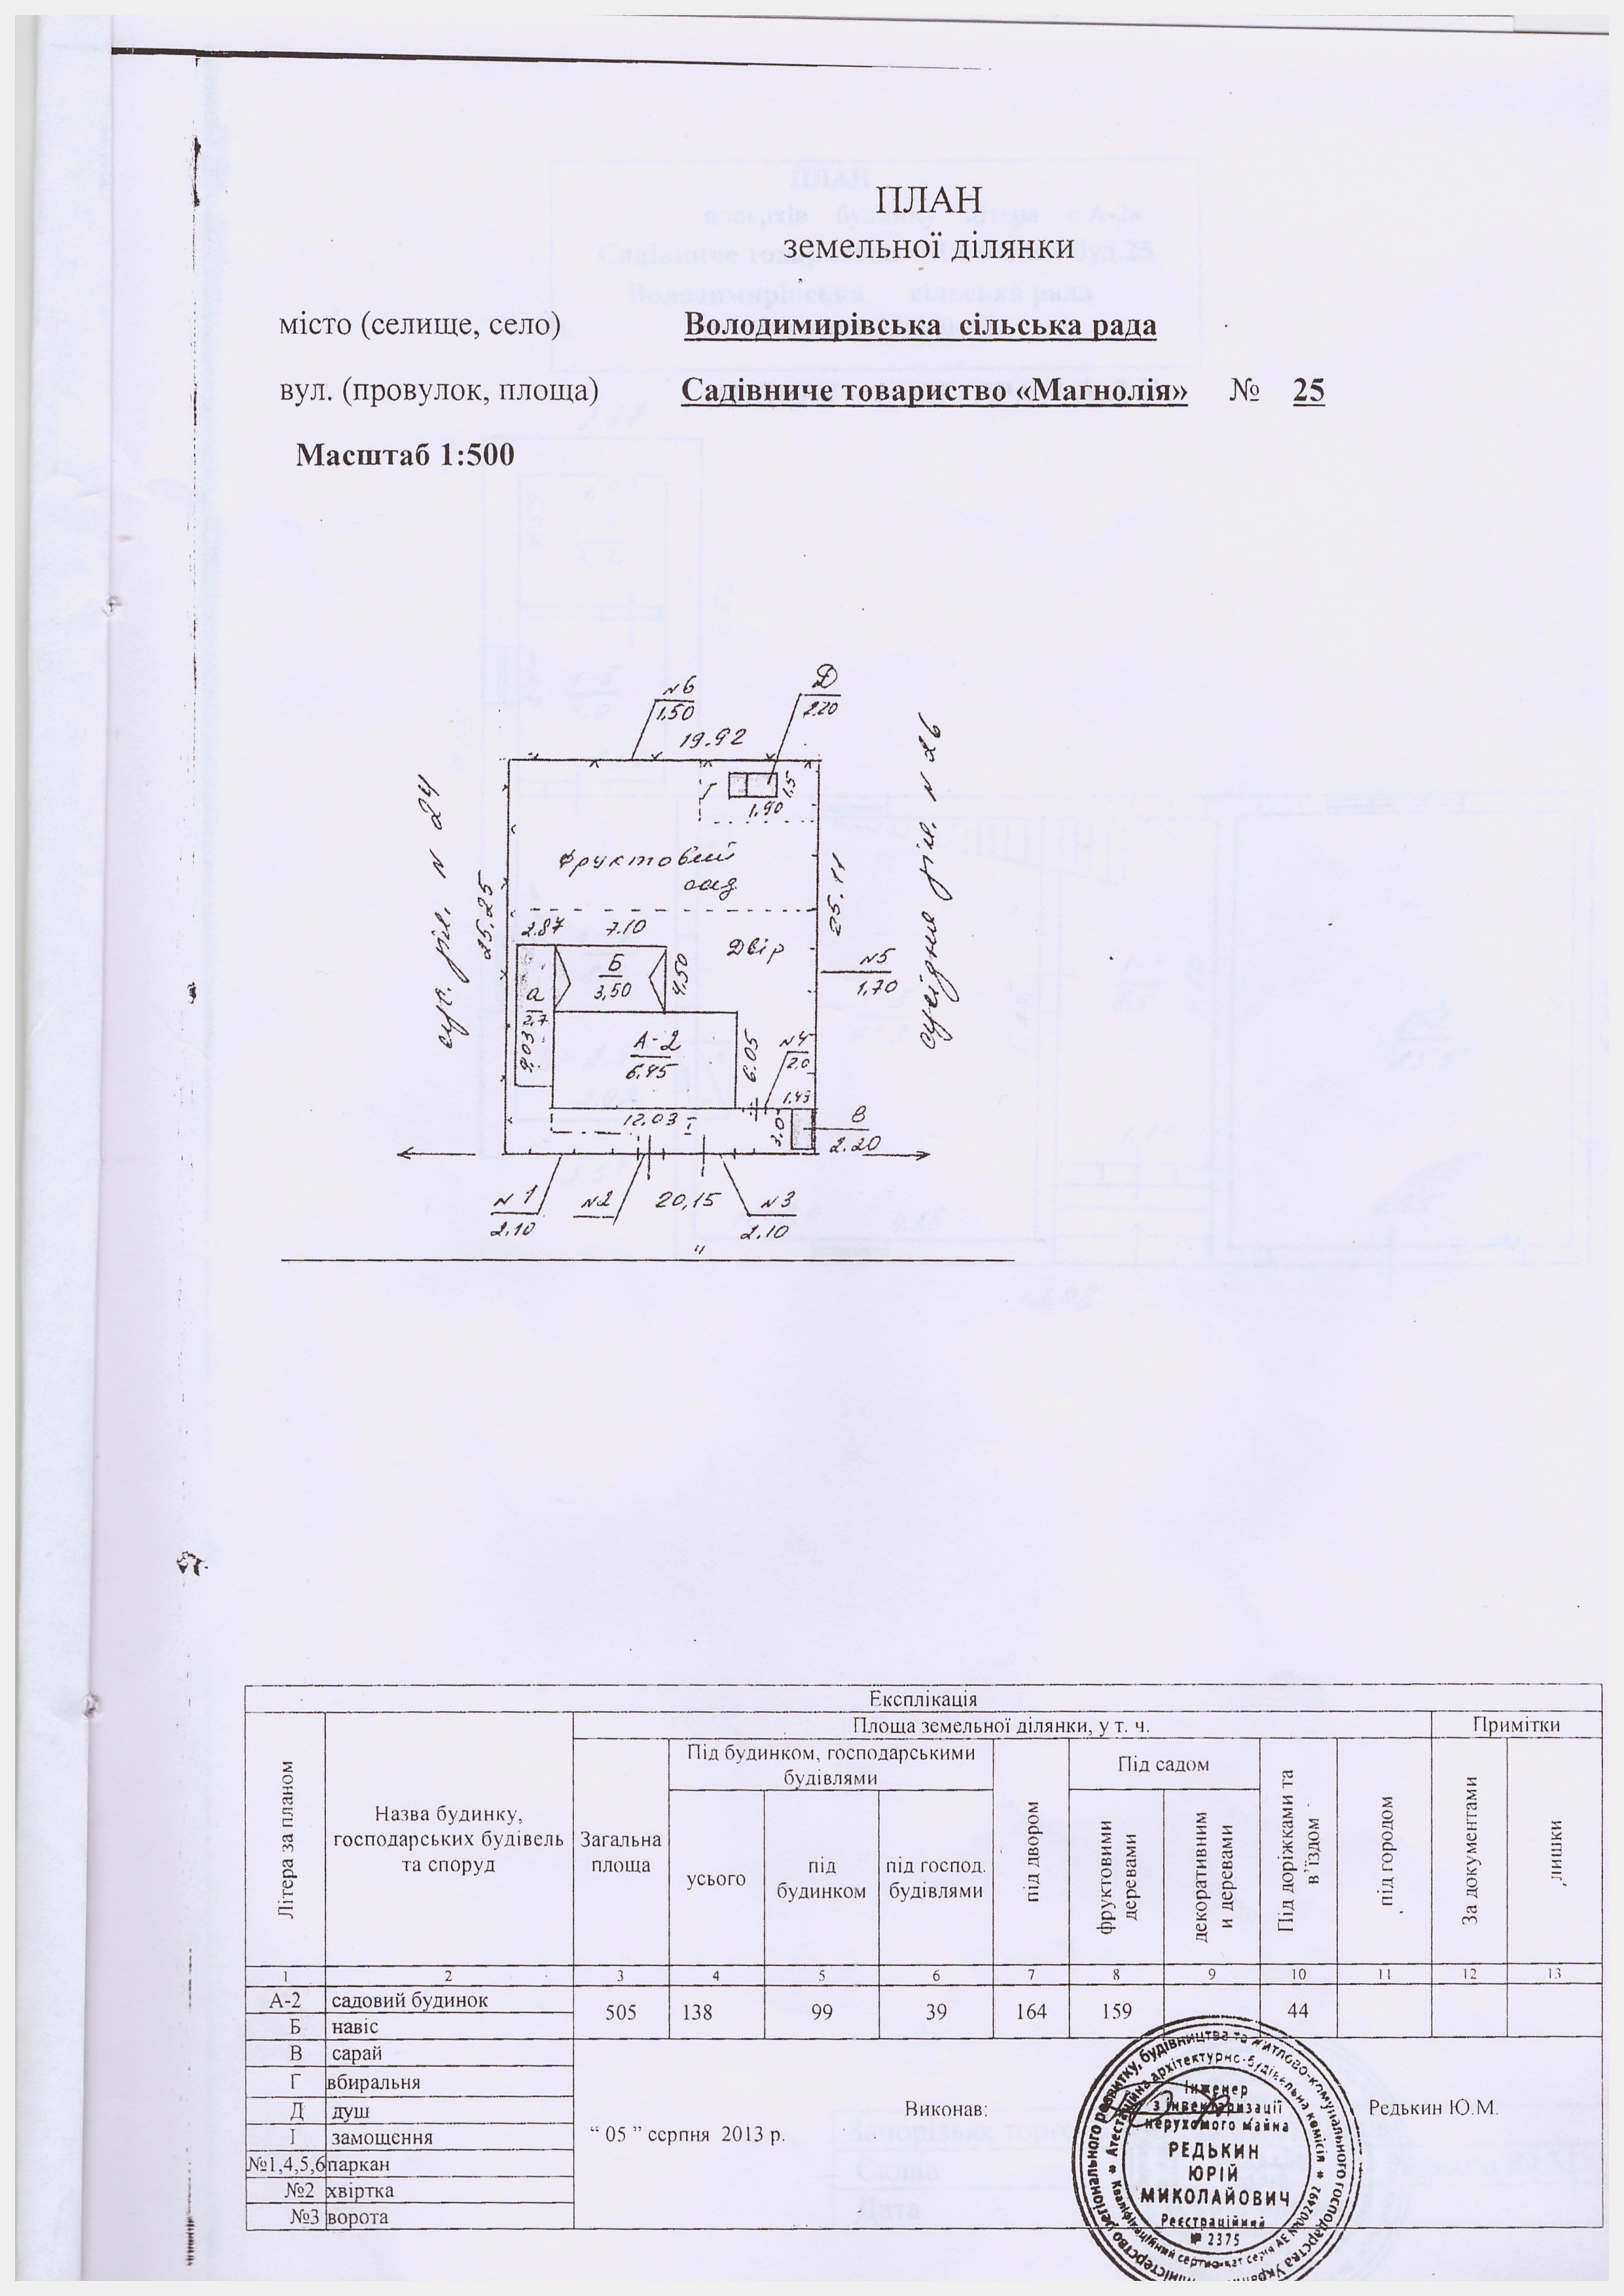 Процедура оформления загранпаспорта ОВИРы Украины и Киева